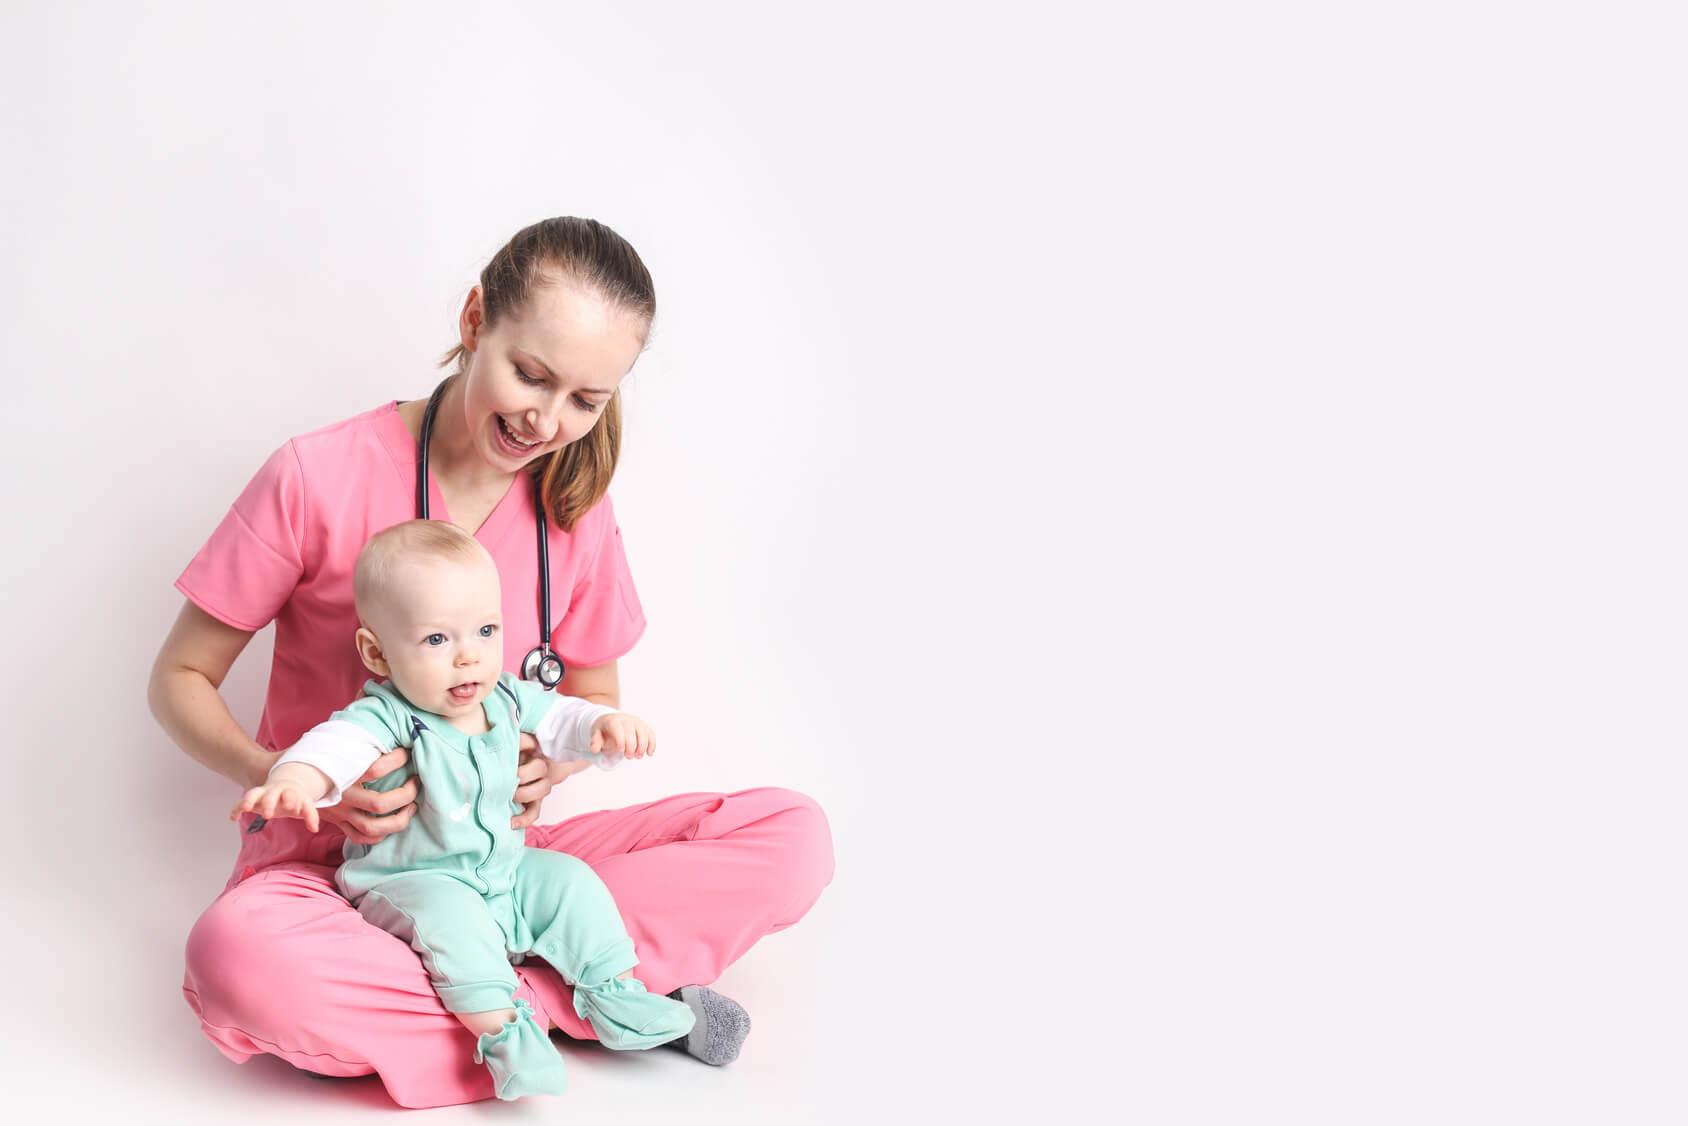 Abschiedssprüche Für Die Kollegin Mutterschutz